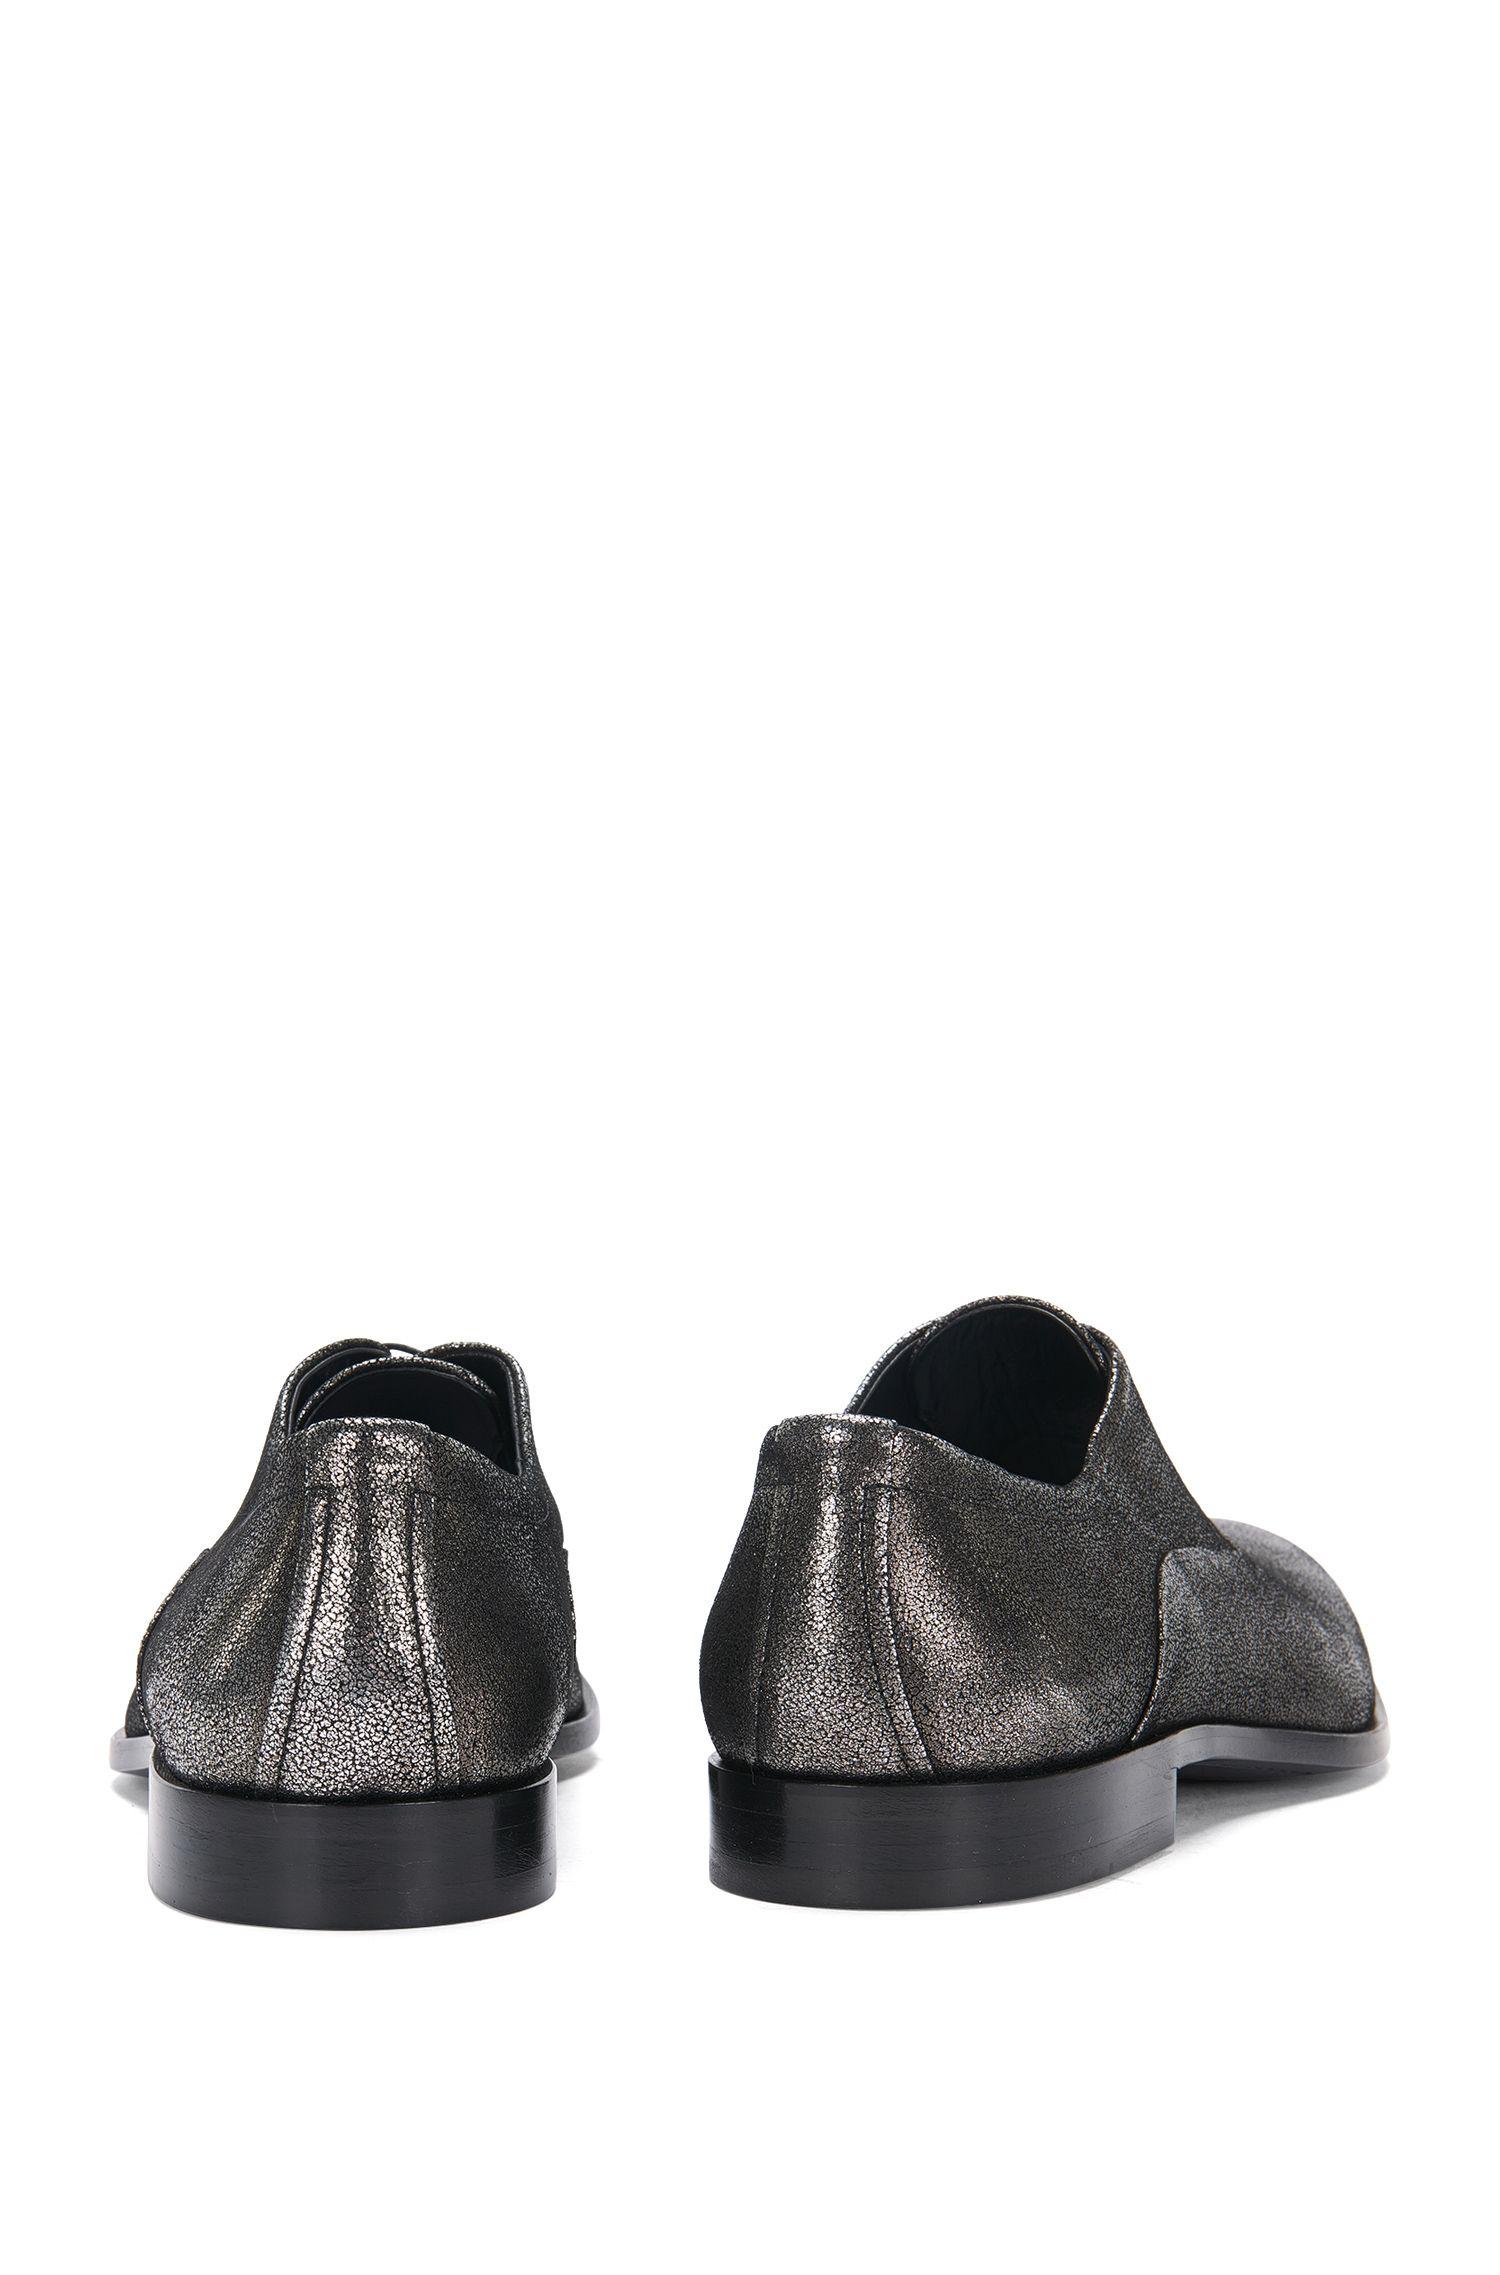 Schnürschuhe aus Leder im Metallic-Look: 'Sigma_Oxfr_sdgl'